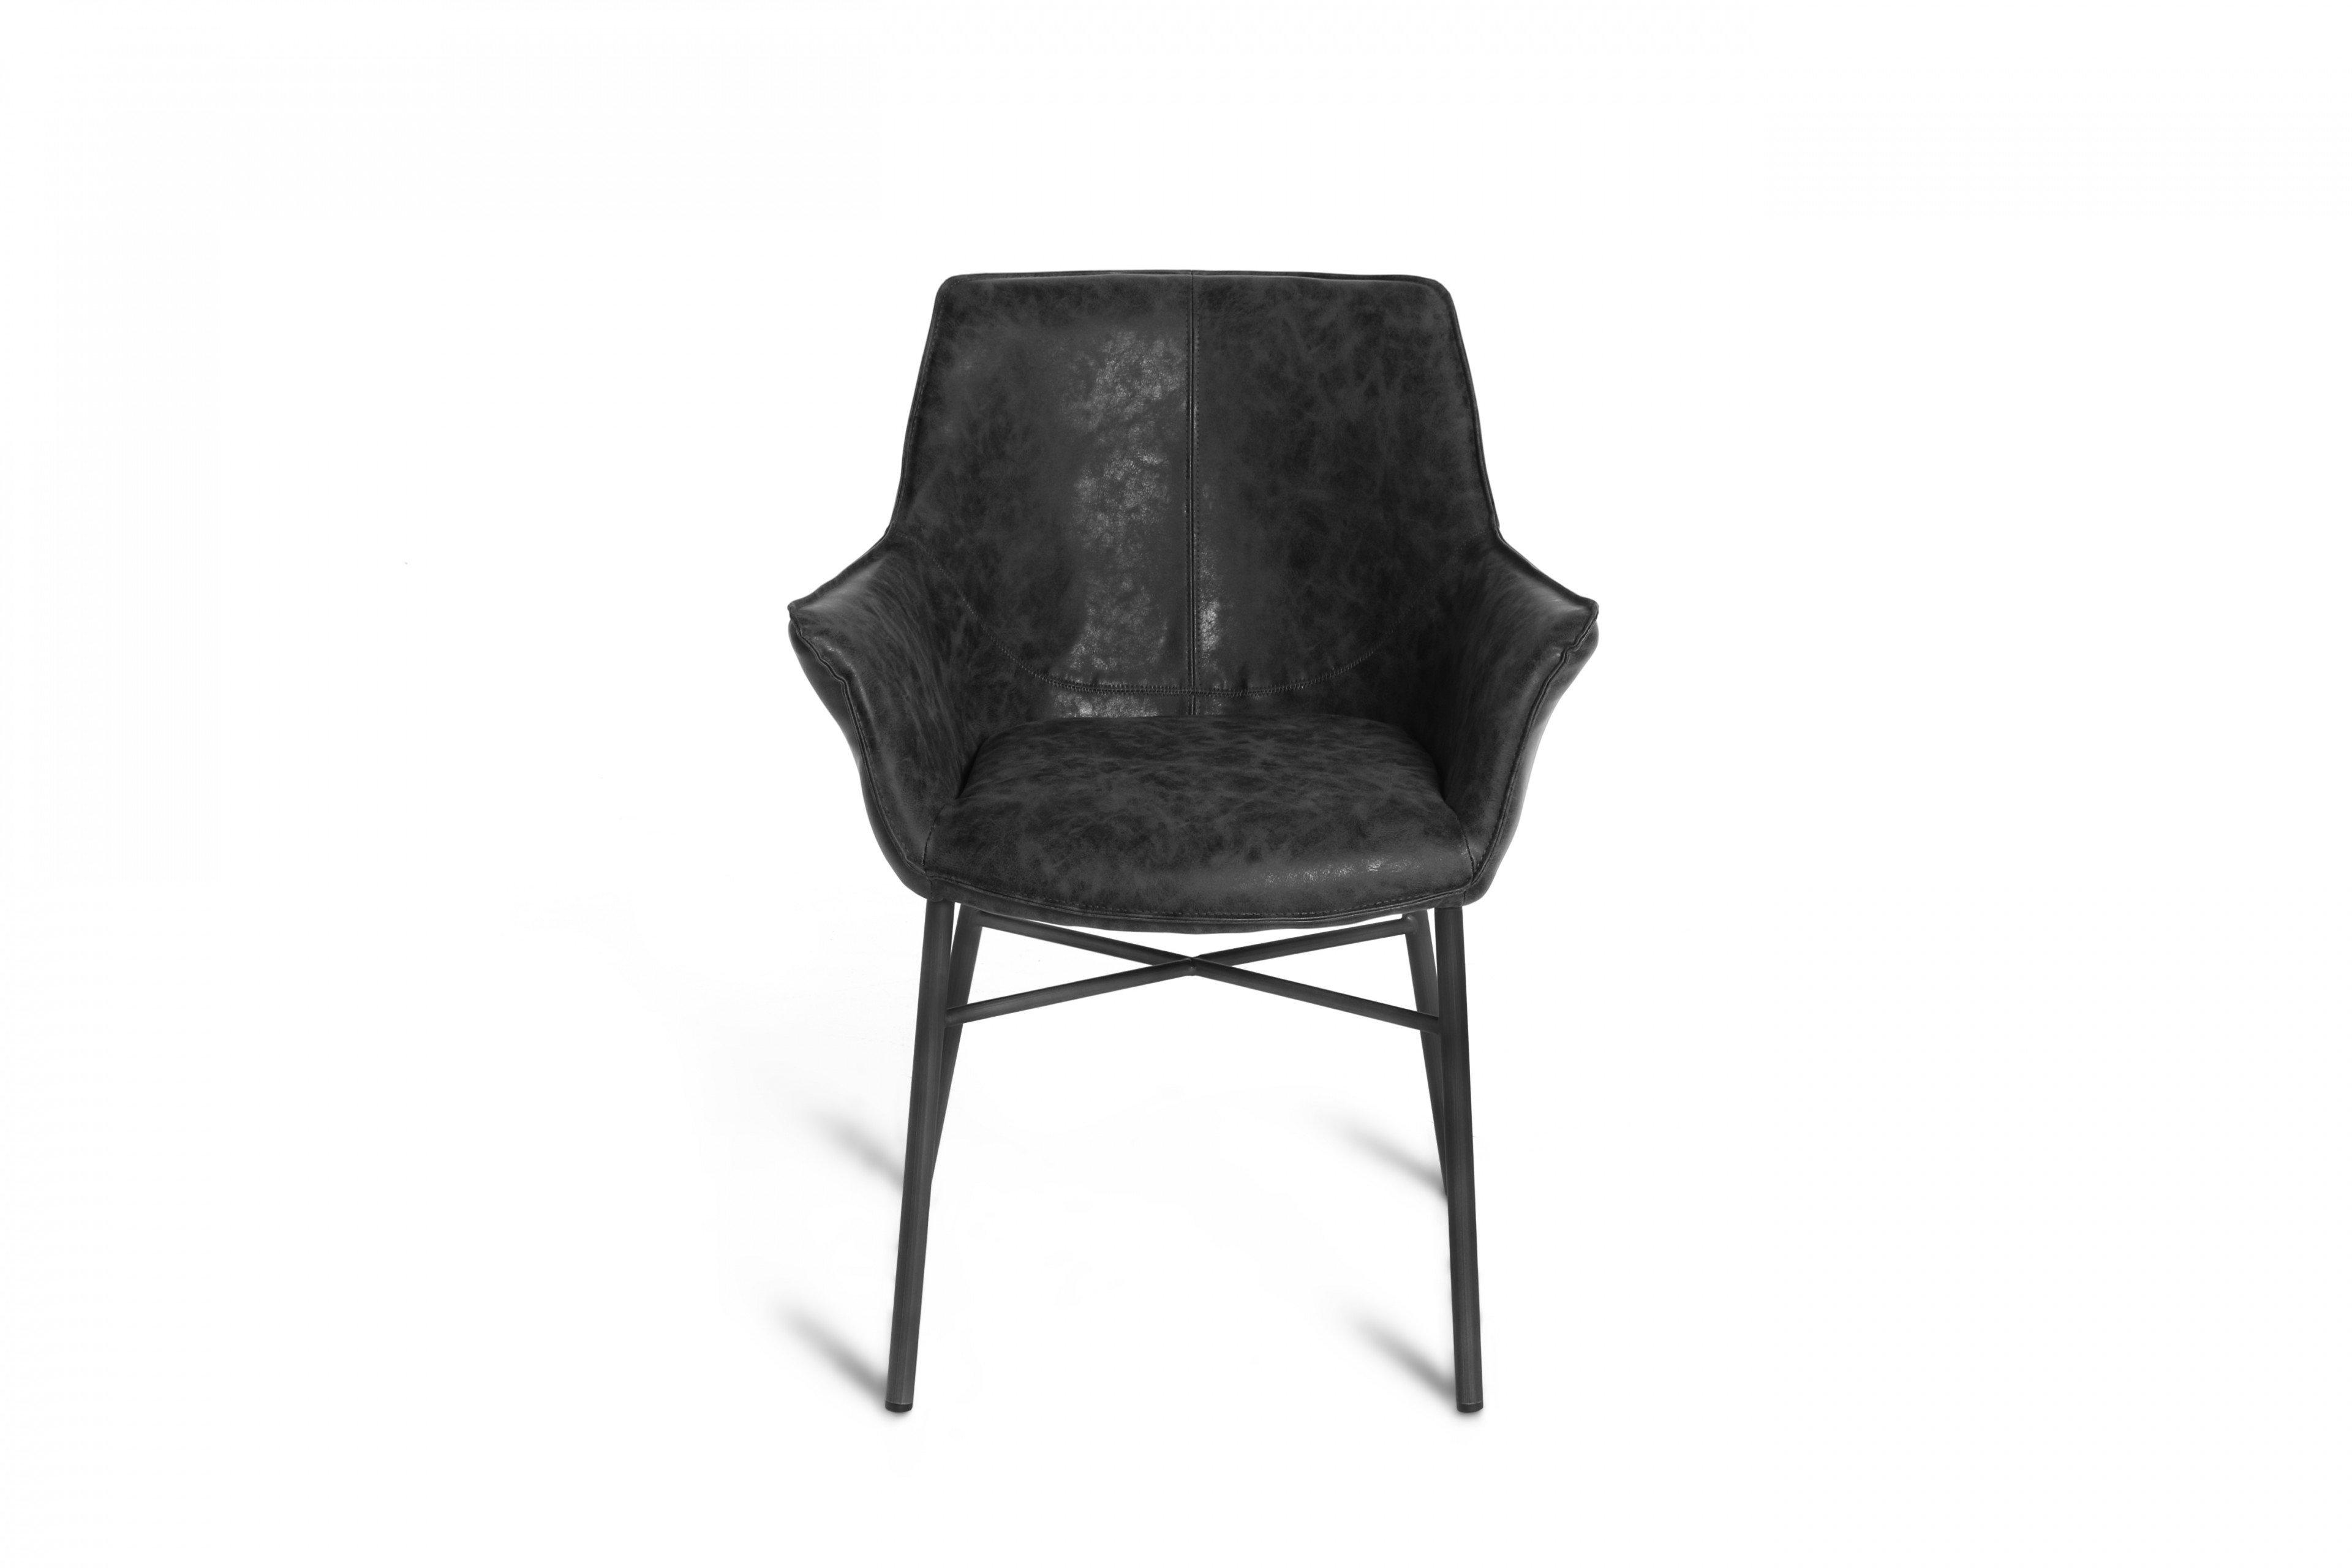 Cool Esstisch Stühle Schwarz Das Beste Von Daan Von Zijlstra - Stuhl